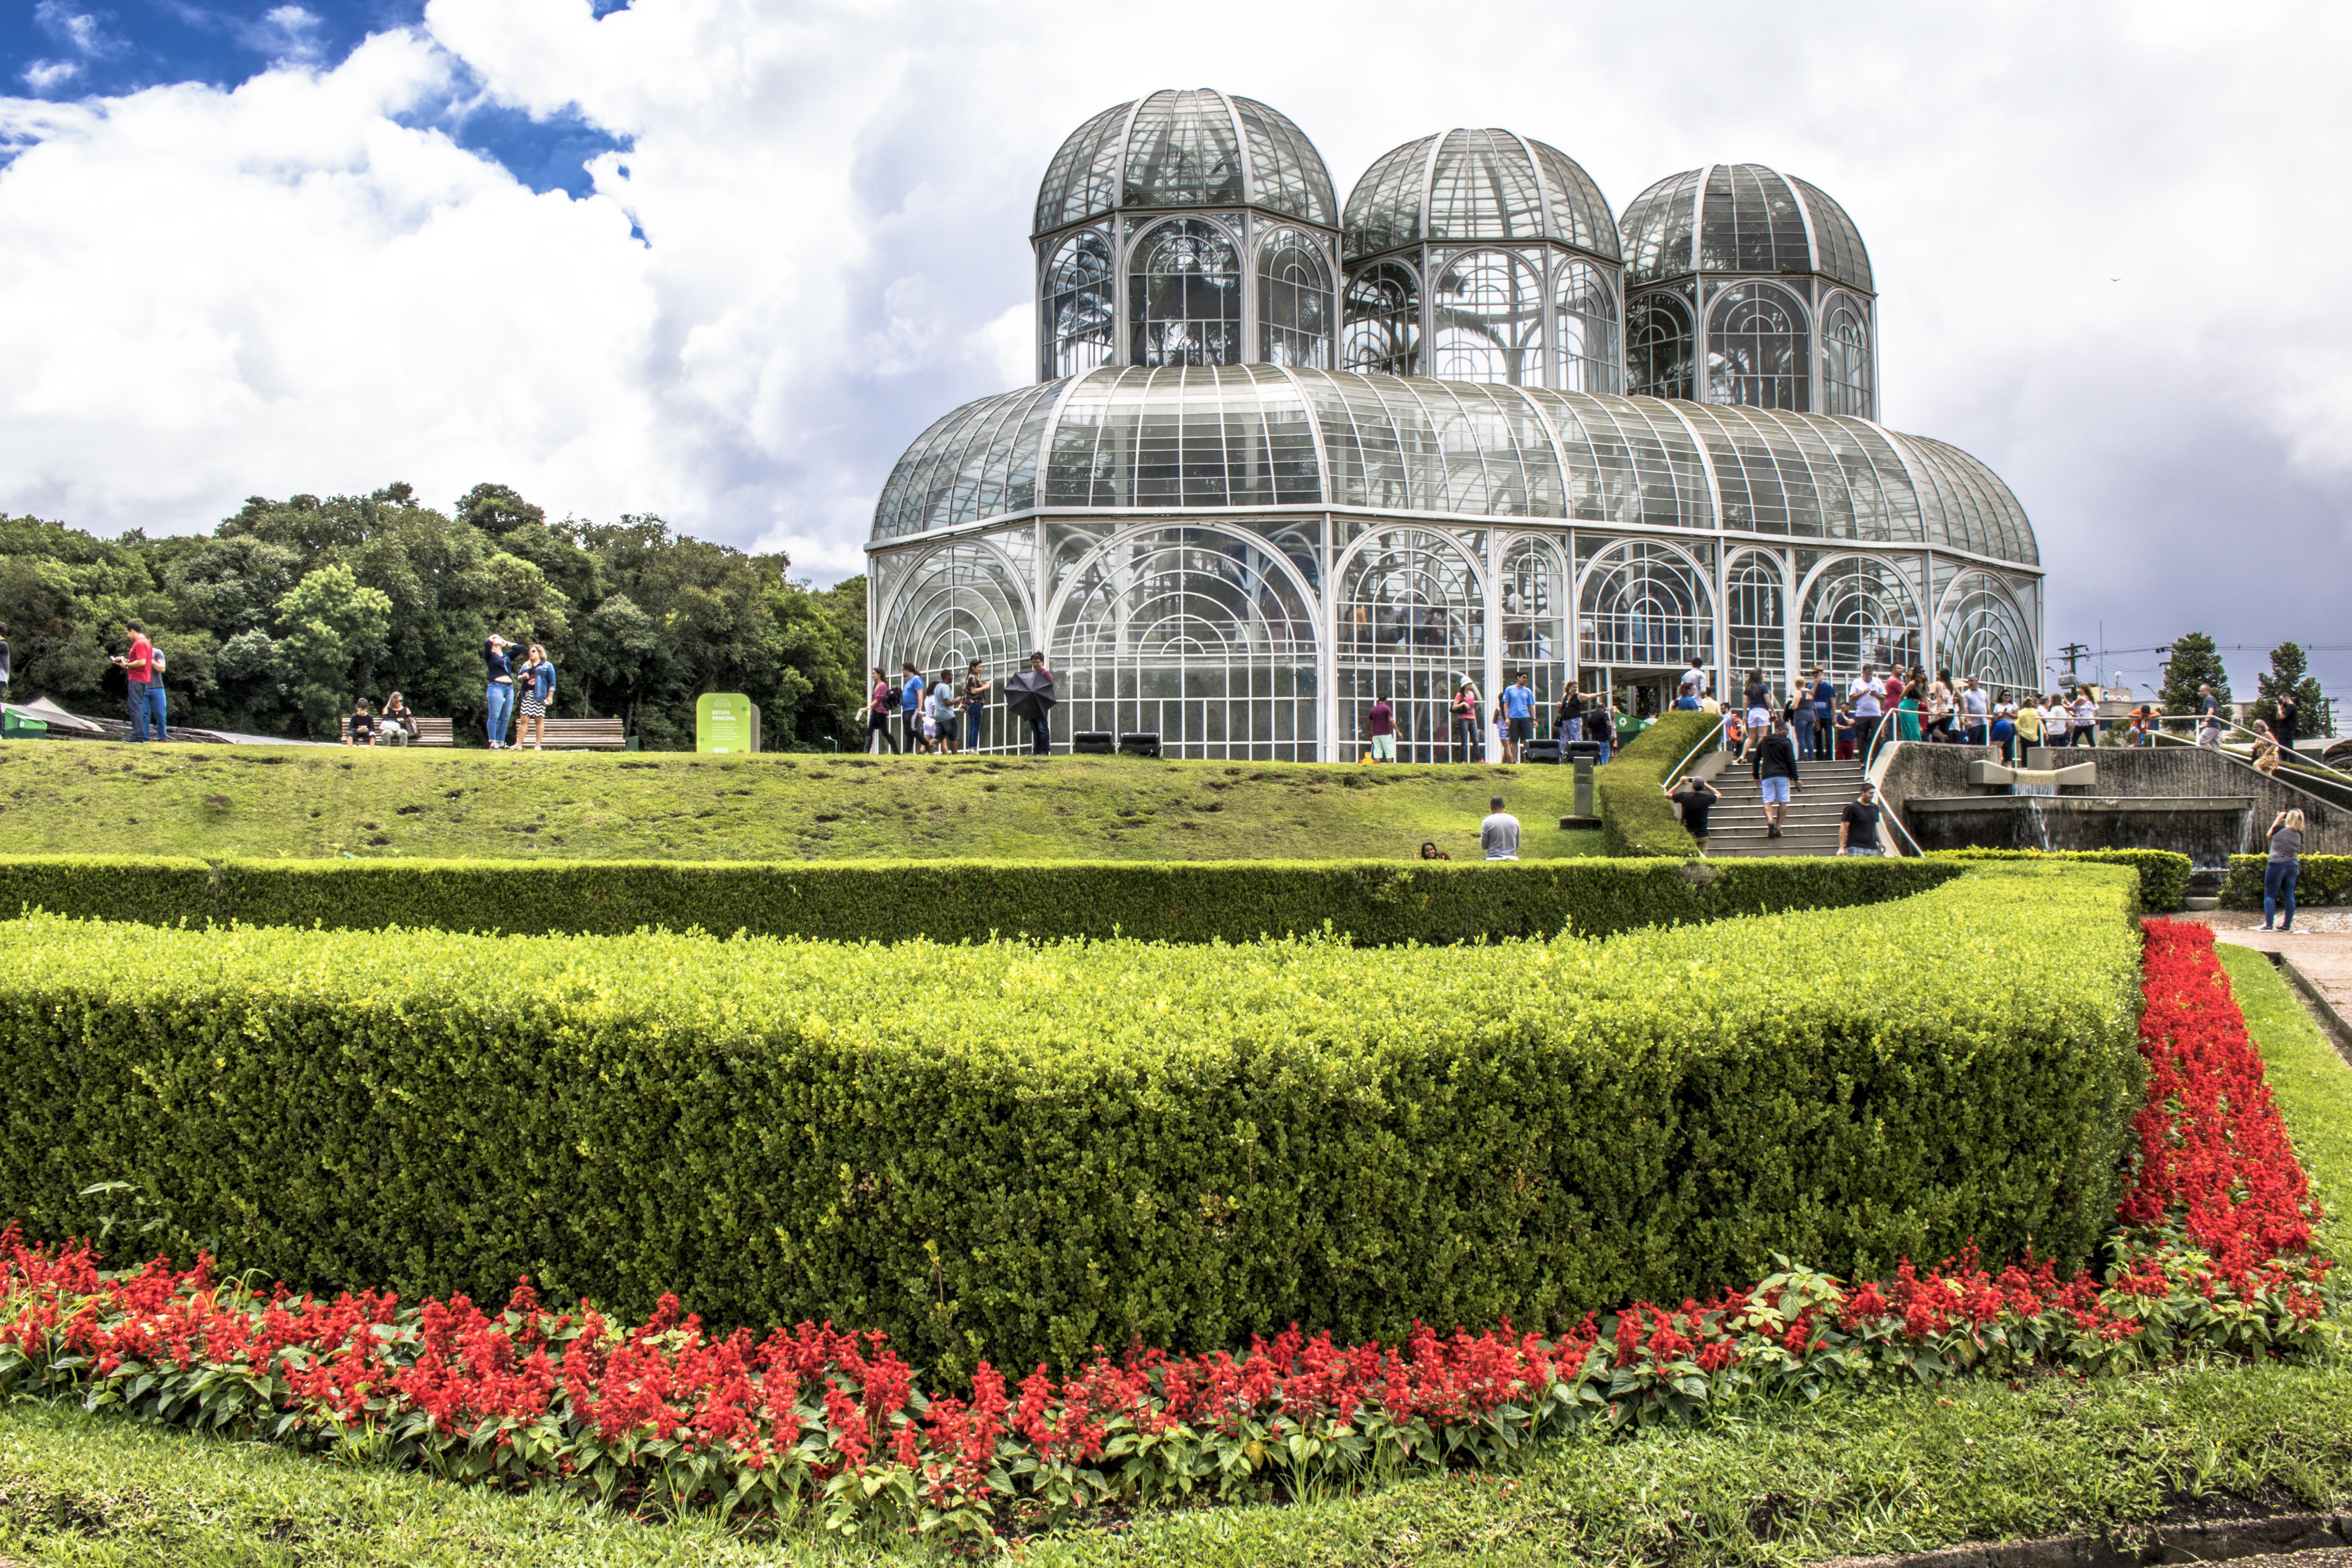 Os diversos parques, museus e praças de Curitiba costumam chamar atenção de quem procura espairecer, se divertir e tomar um banho de cultura. Uma boa opção é conhecer o Jardim Botânico / GB Imagem